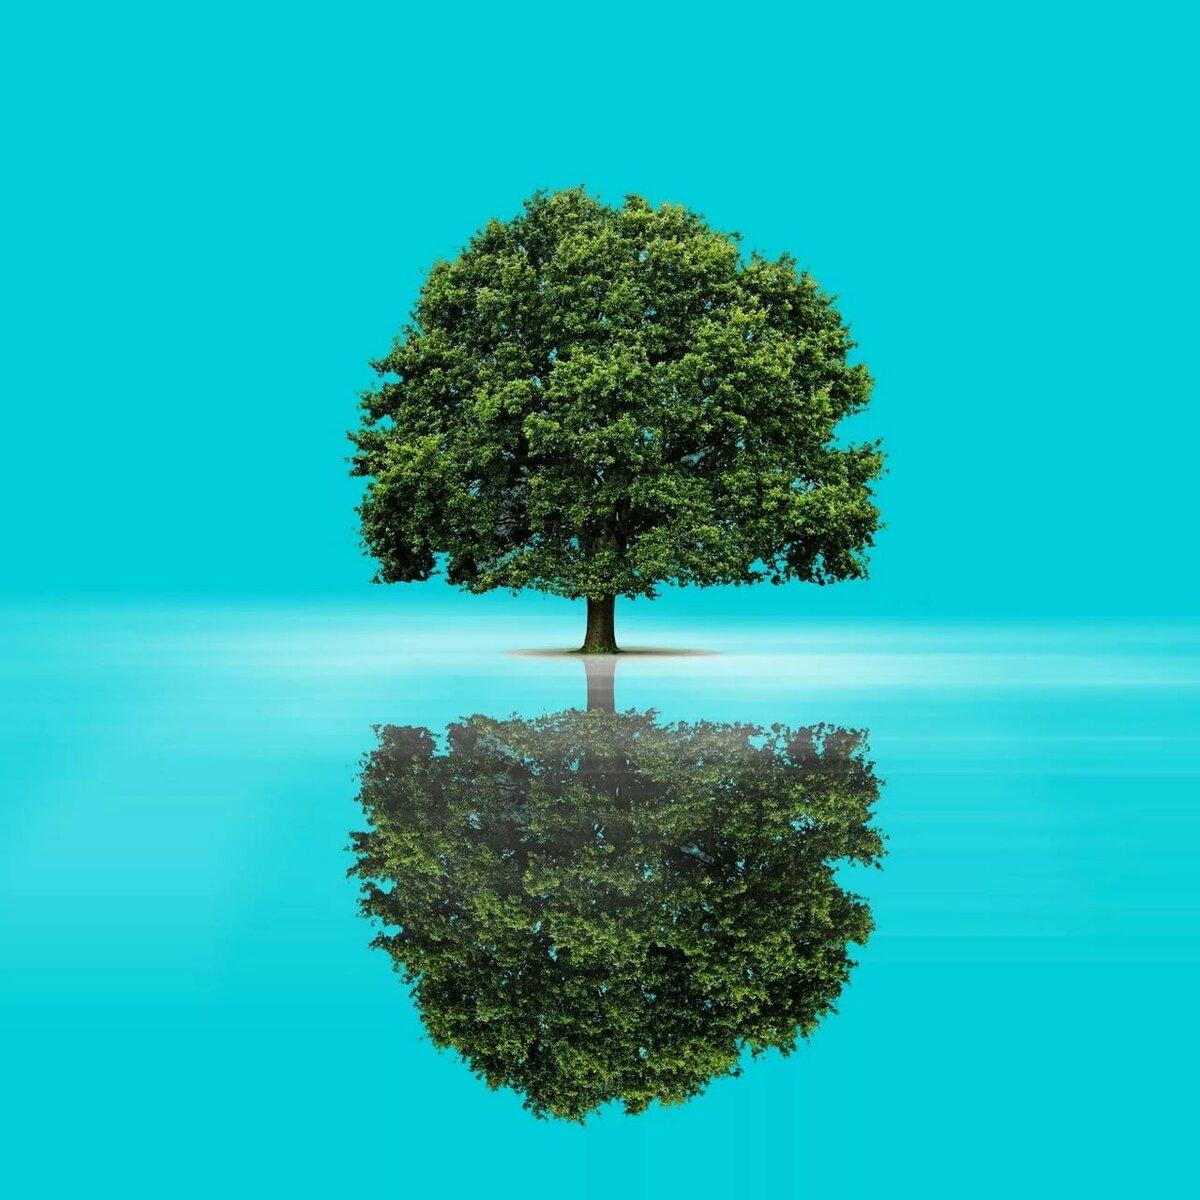 рисунок с деревом и водой это комплект